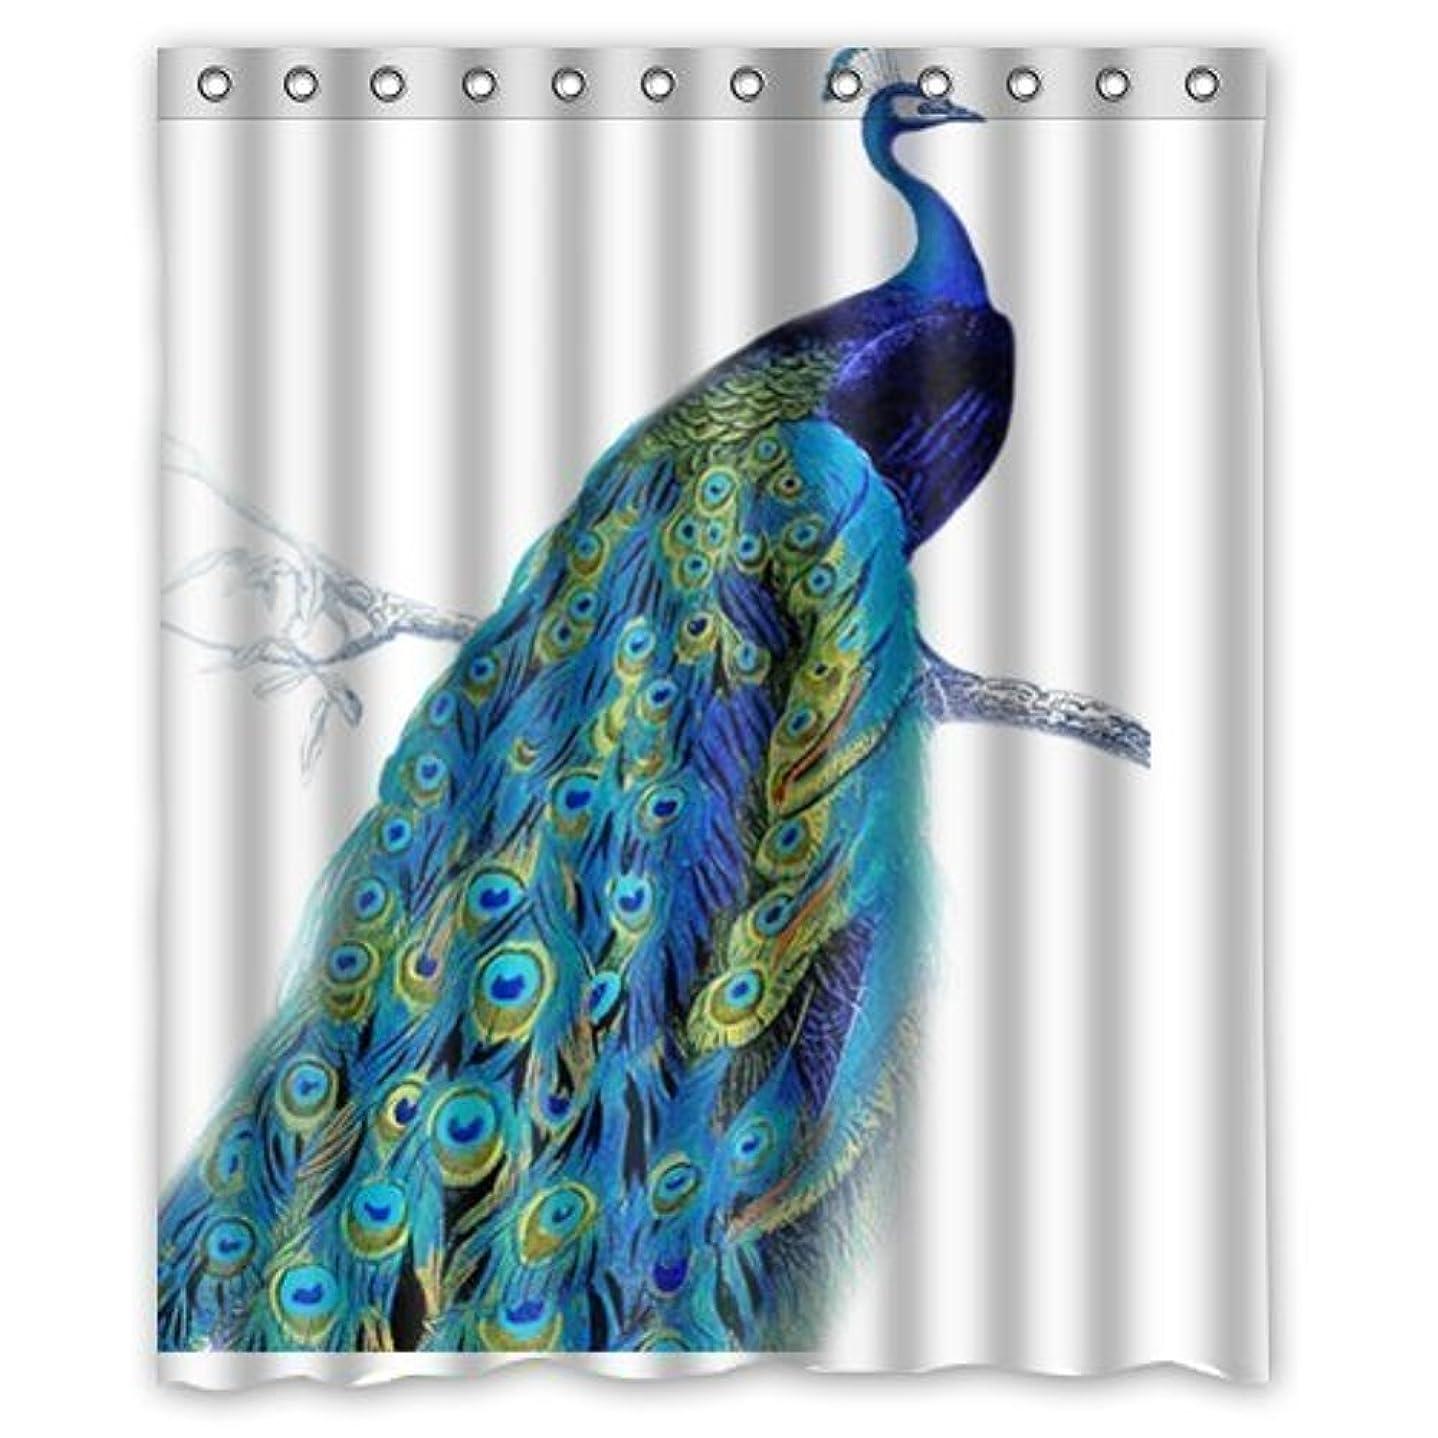 のために篭オペラインテリア かわいい孔雀 シャワーカーテン 防カビ おしゃれ バスカーテン 90x180cm